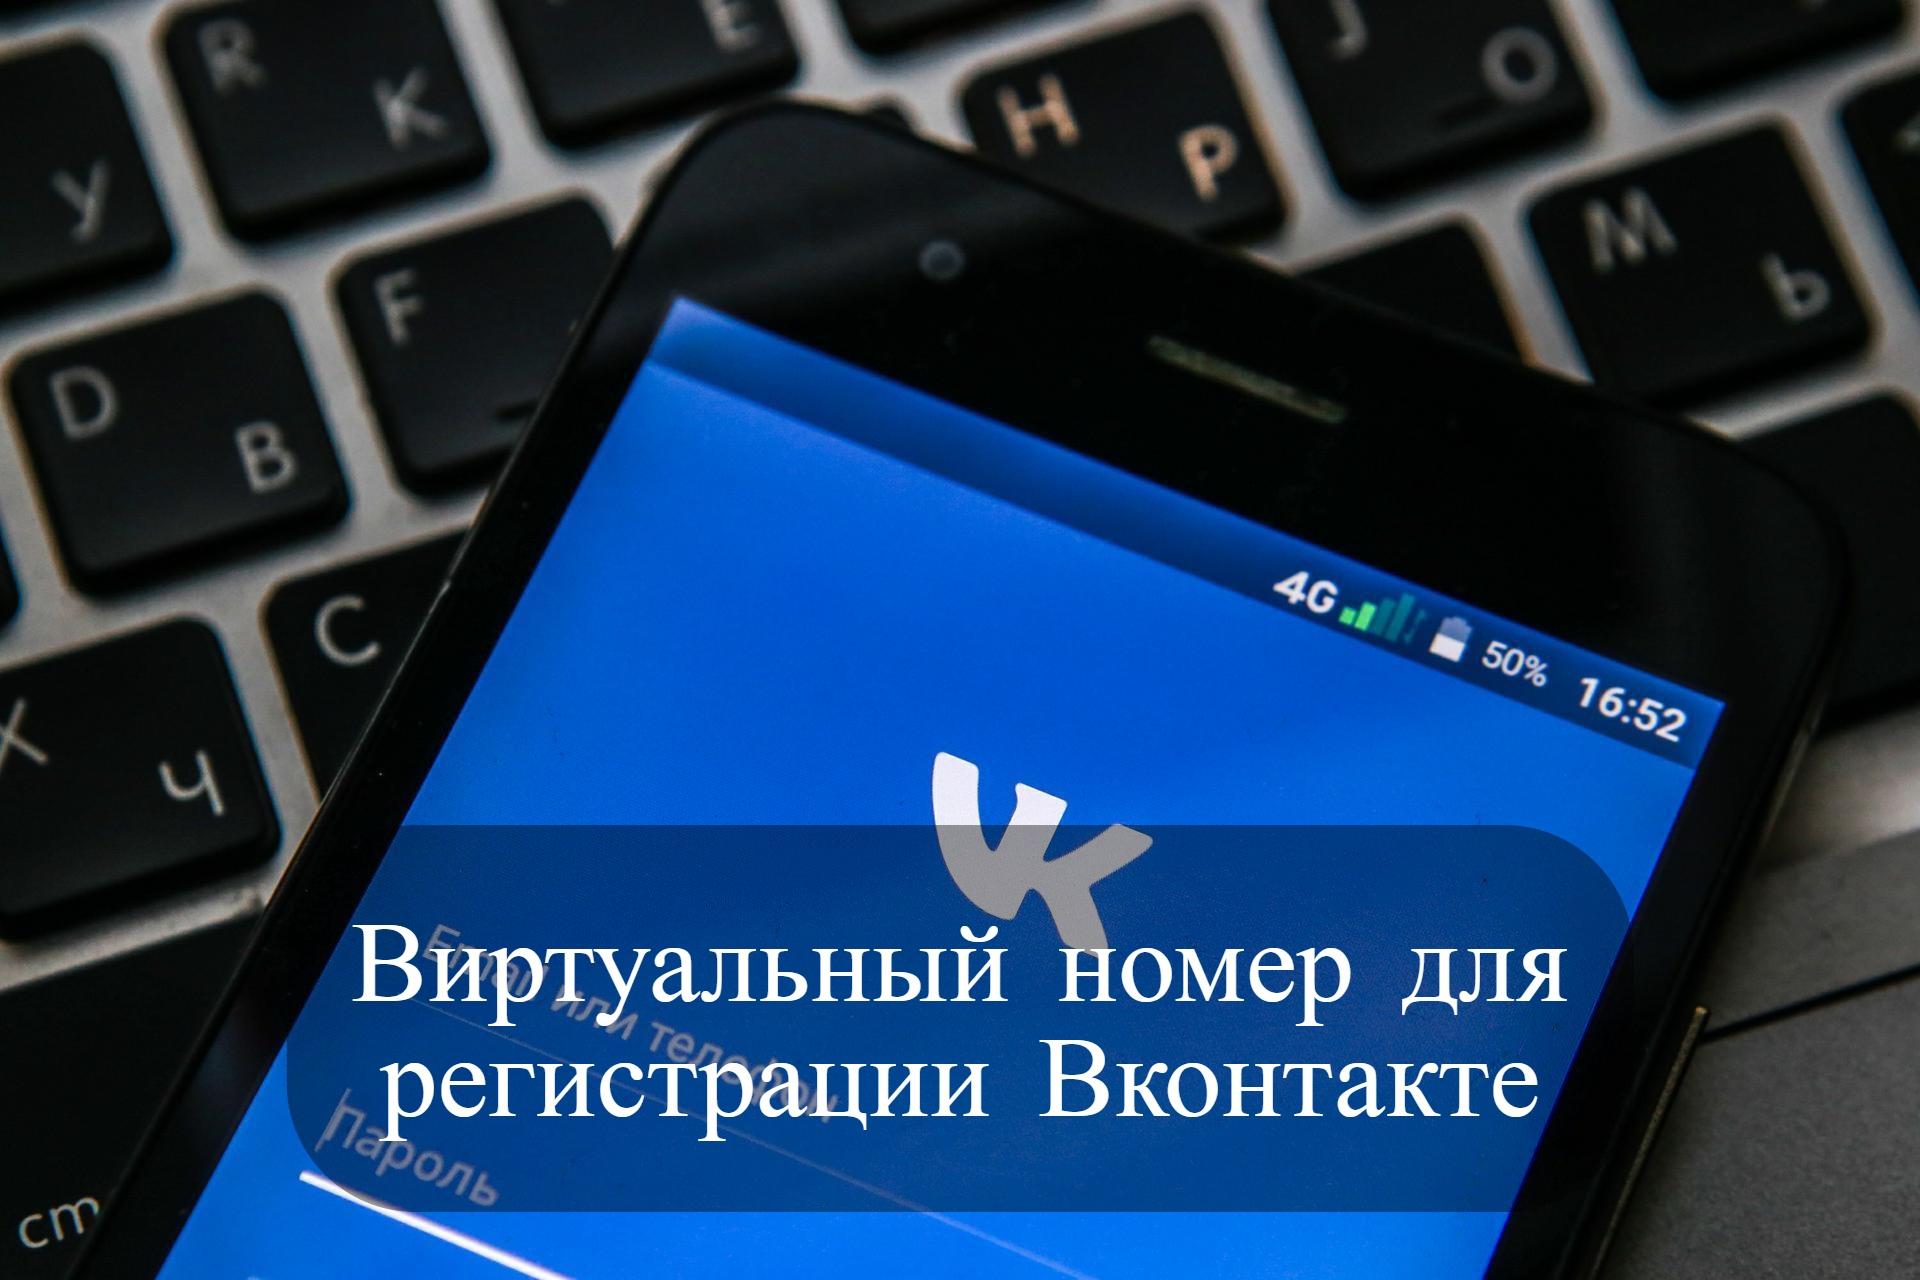 Получить виртуальный номер для регистрации Вконтакте